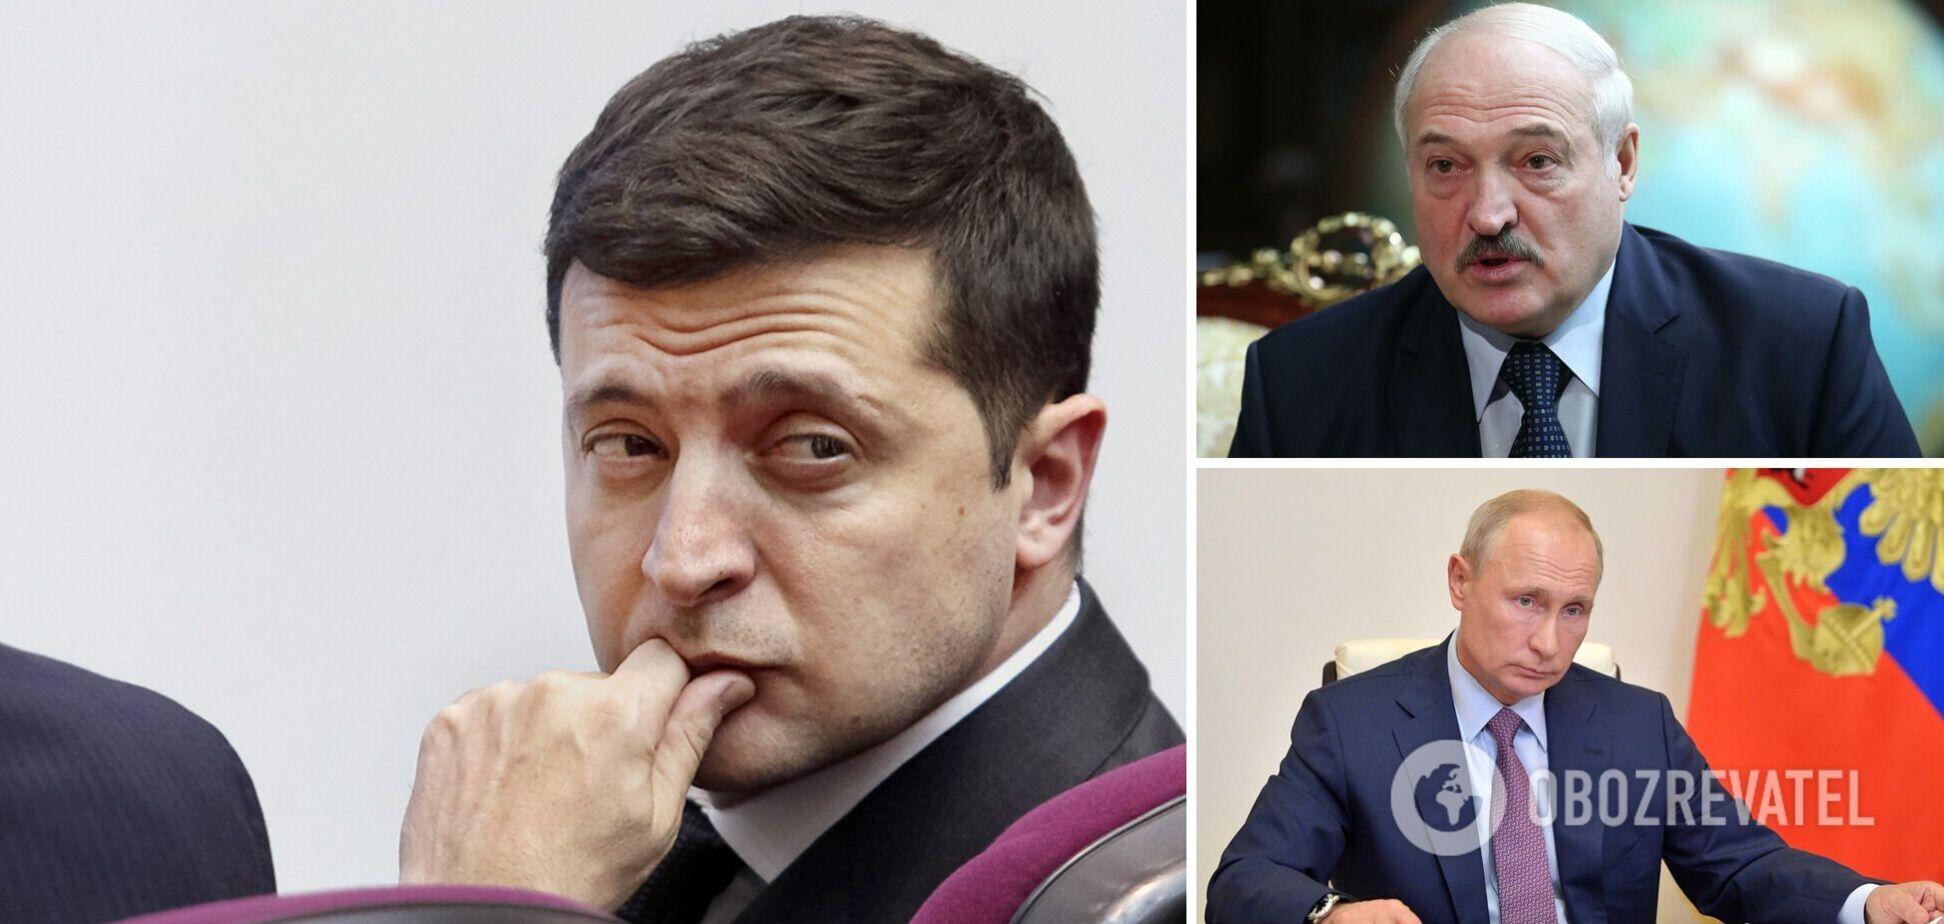 Путин ответил на предложение Зеленского о встрече, а Лукашенко назвал 'глупостью' перенос переговоров из Минска